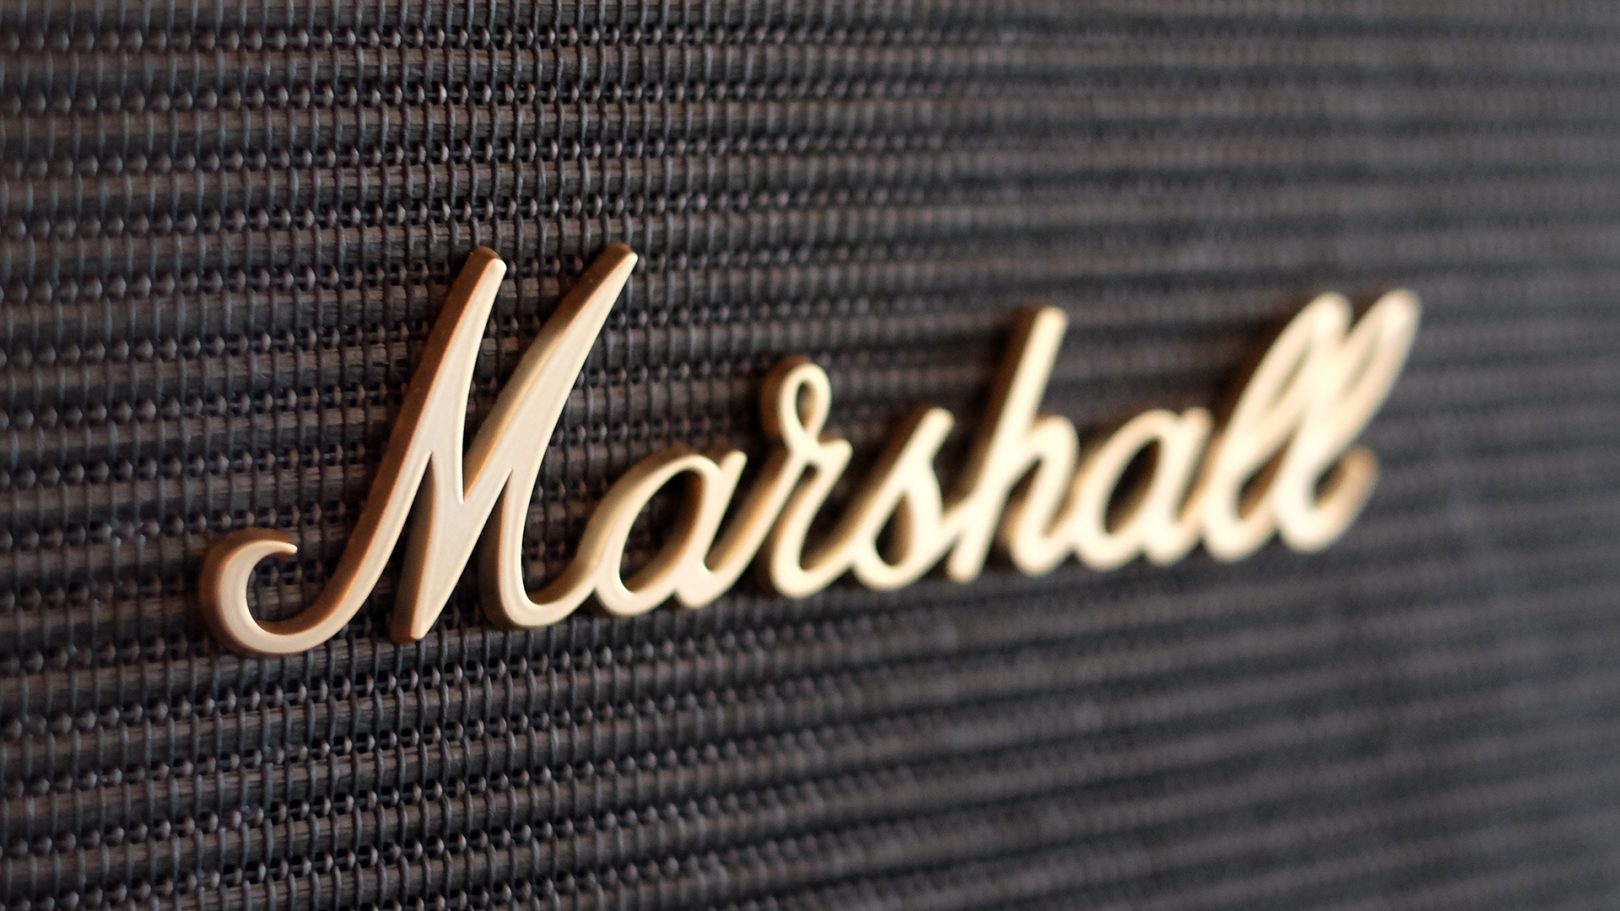 Φορητά ηχεία Marshall: Μουσική παντού με εγκατάσταση multi-room!